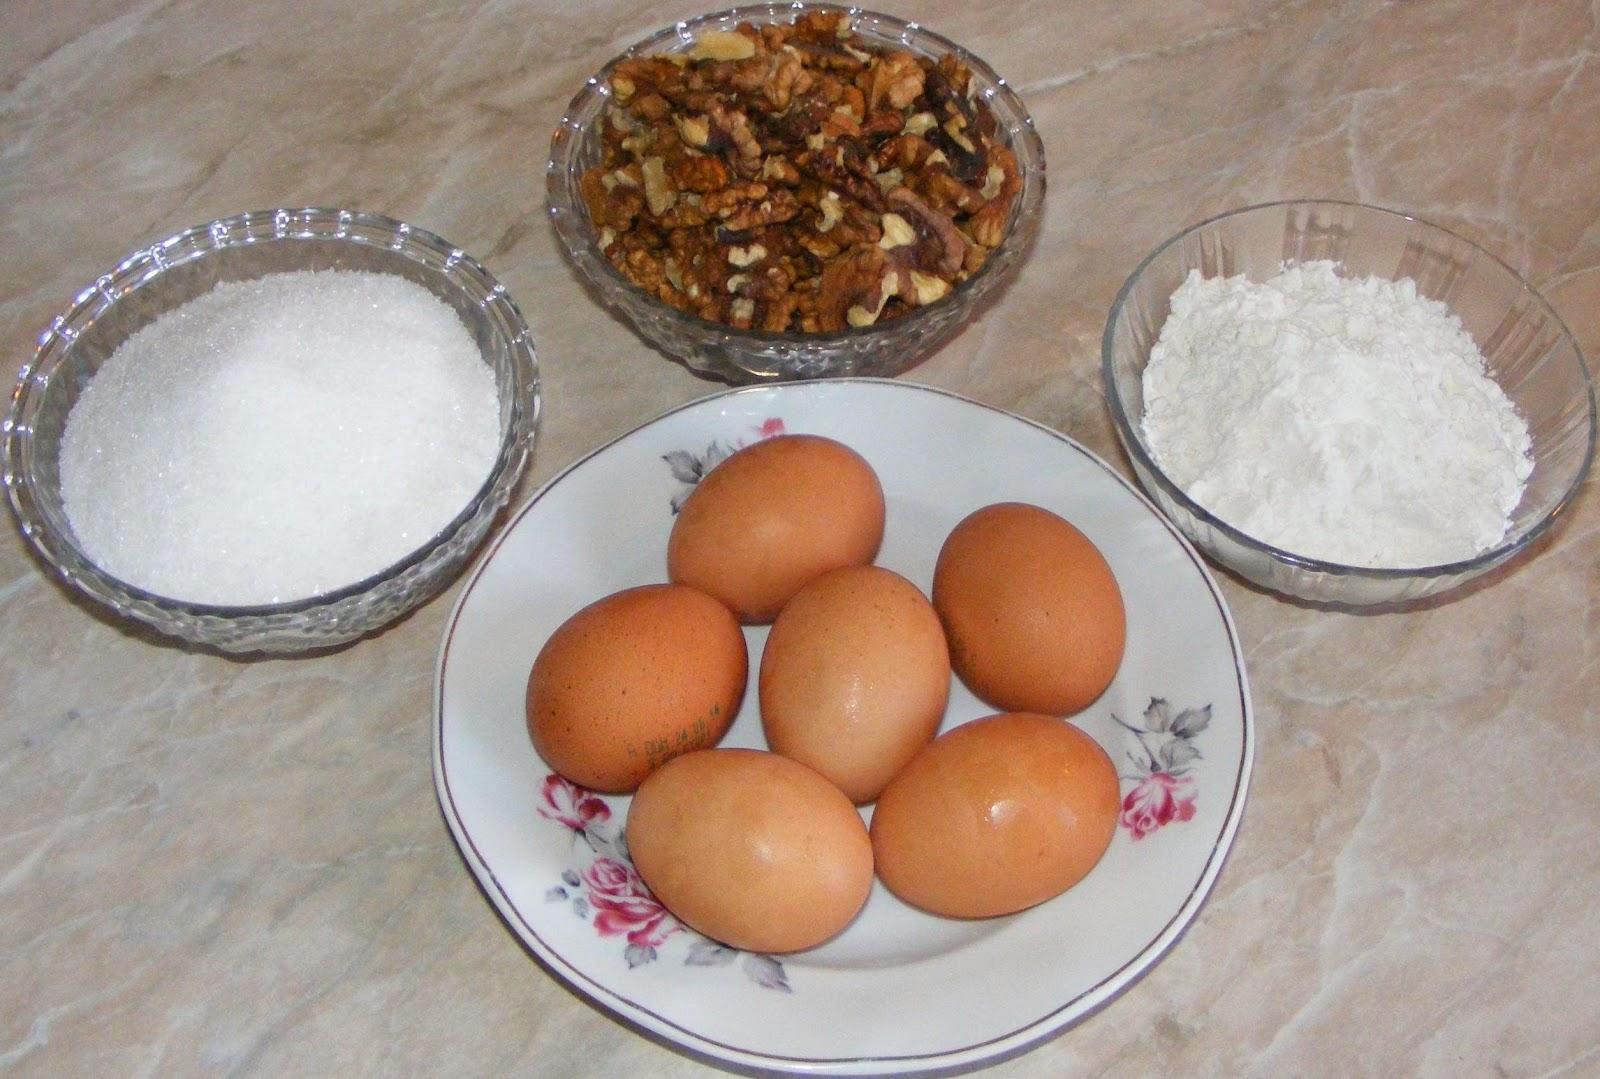 retete si preparate culinare dulciuri si prajituri de casa, ingrediente pentru pricomigdale, cum se fac pricomigdalele cu nuca,